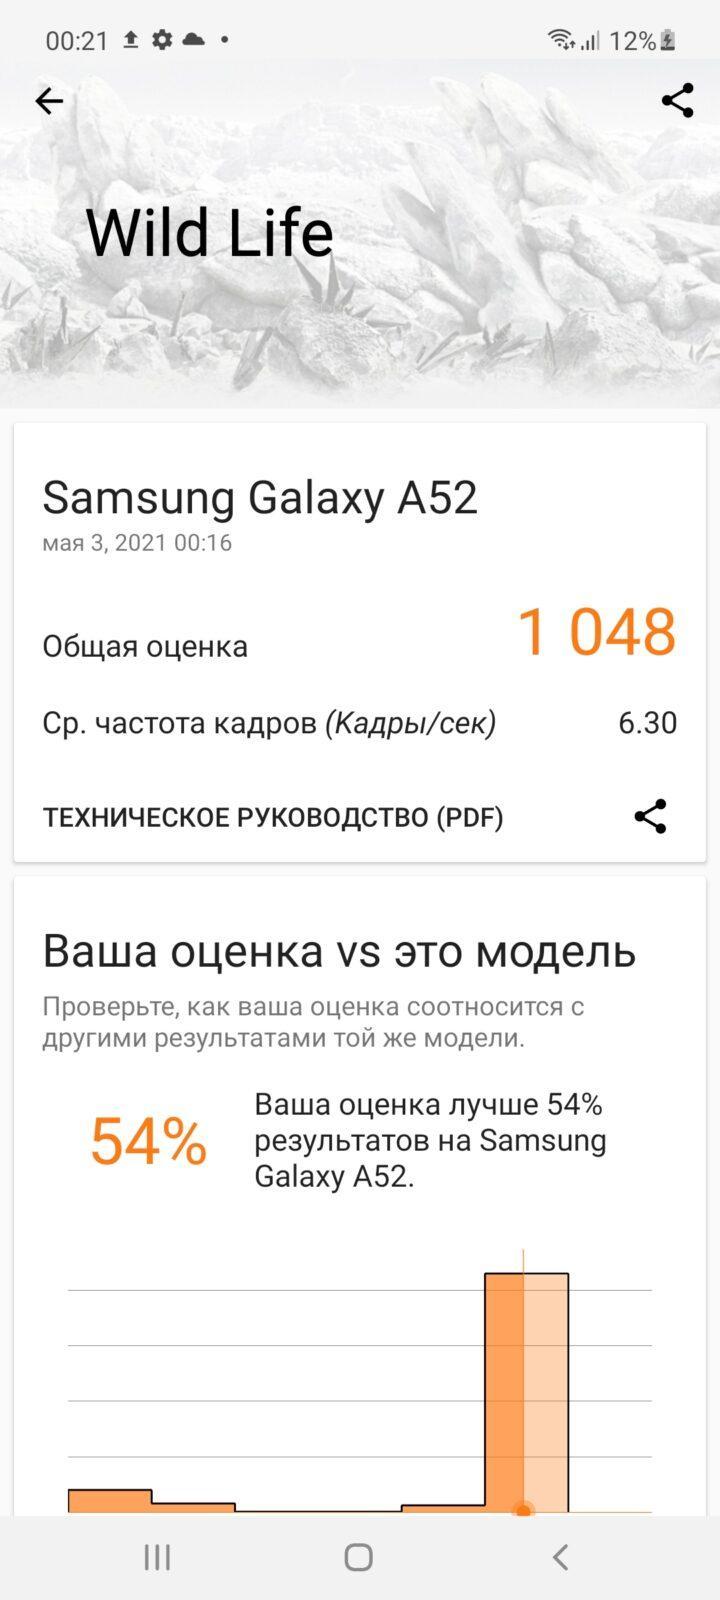 Обзор Samsung Galaxy A52: красивый, мощный и недорогой смартфон (screenshot 20210503 002137 3dmark)